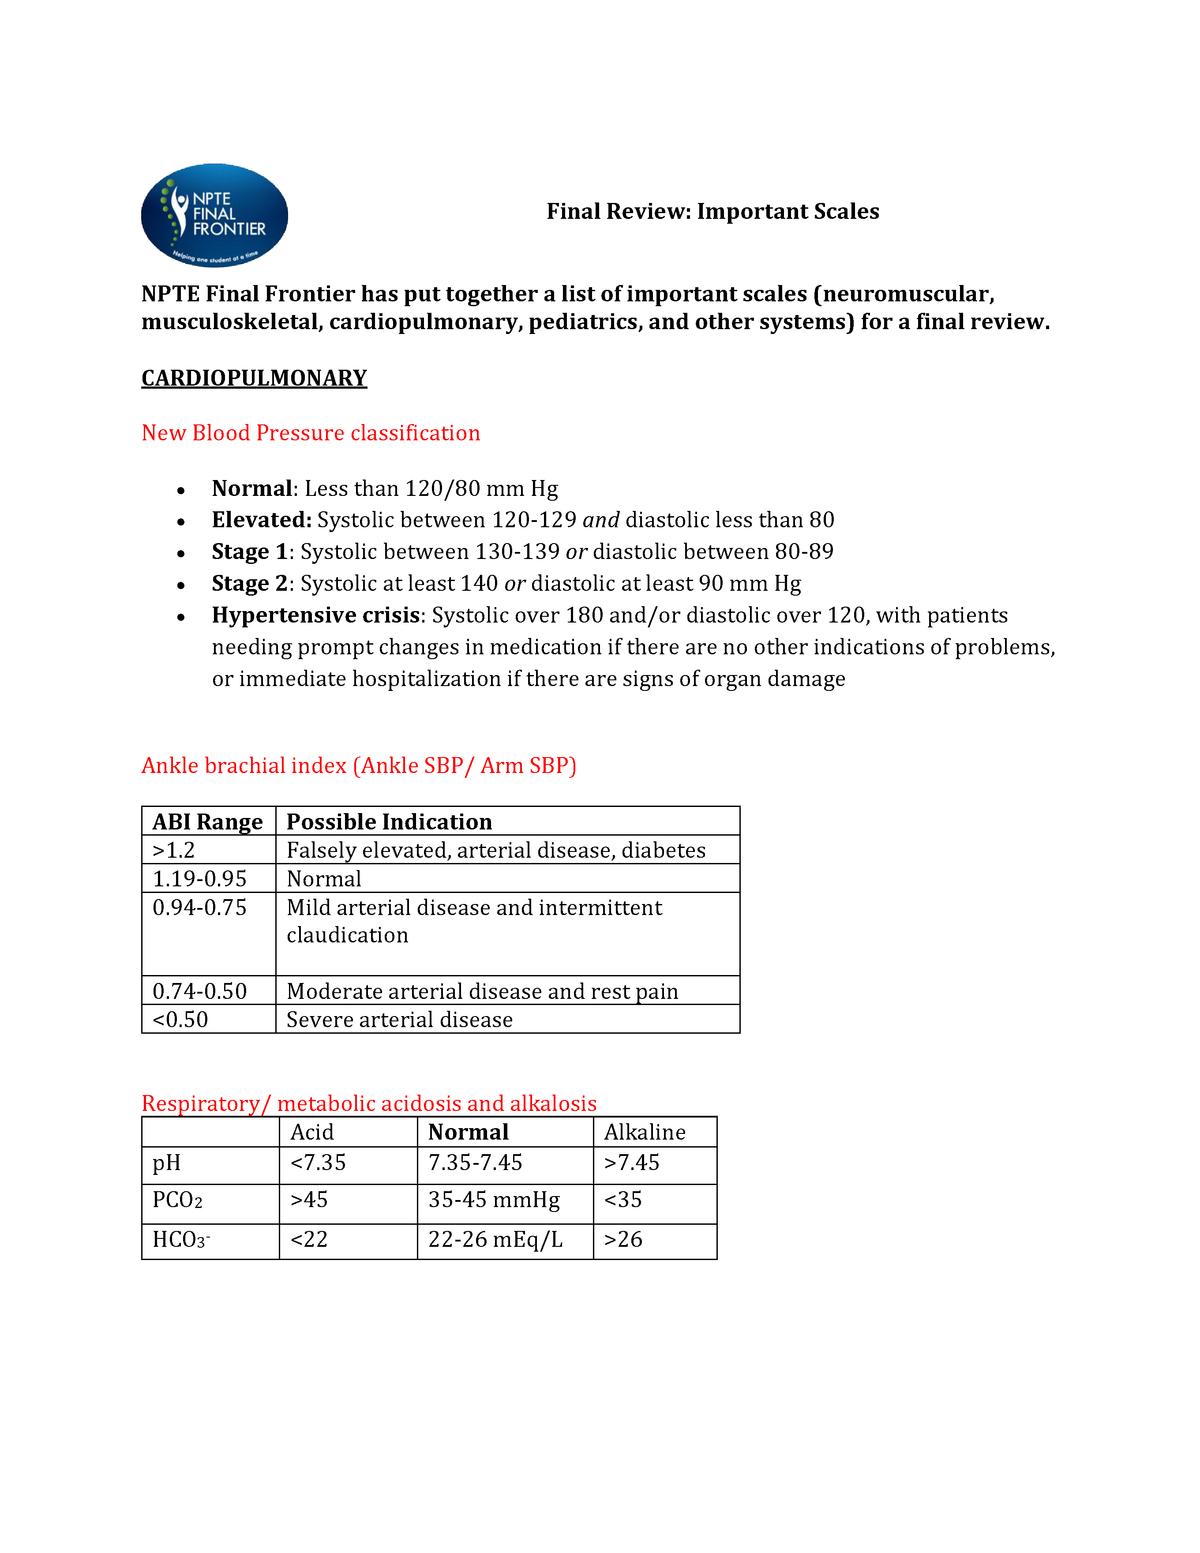 NPTE Final Frontier Scales 2019 - PHYT 600 - StuDocu